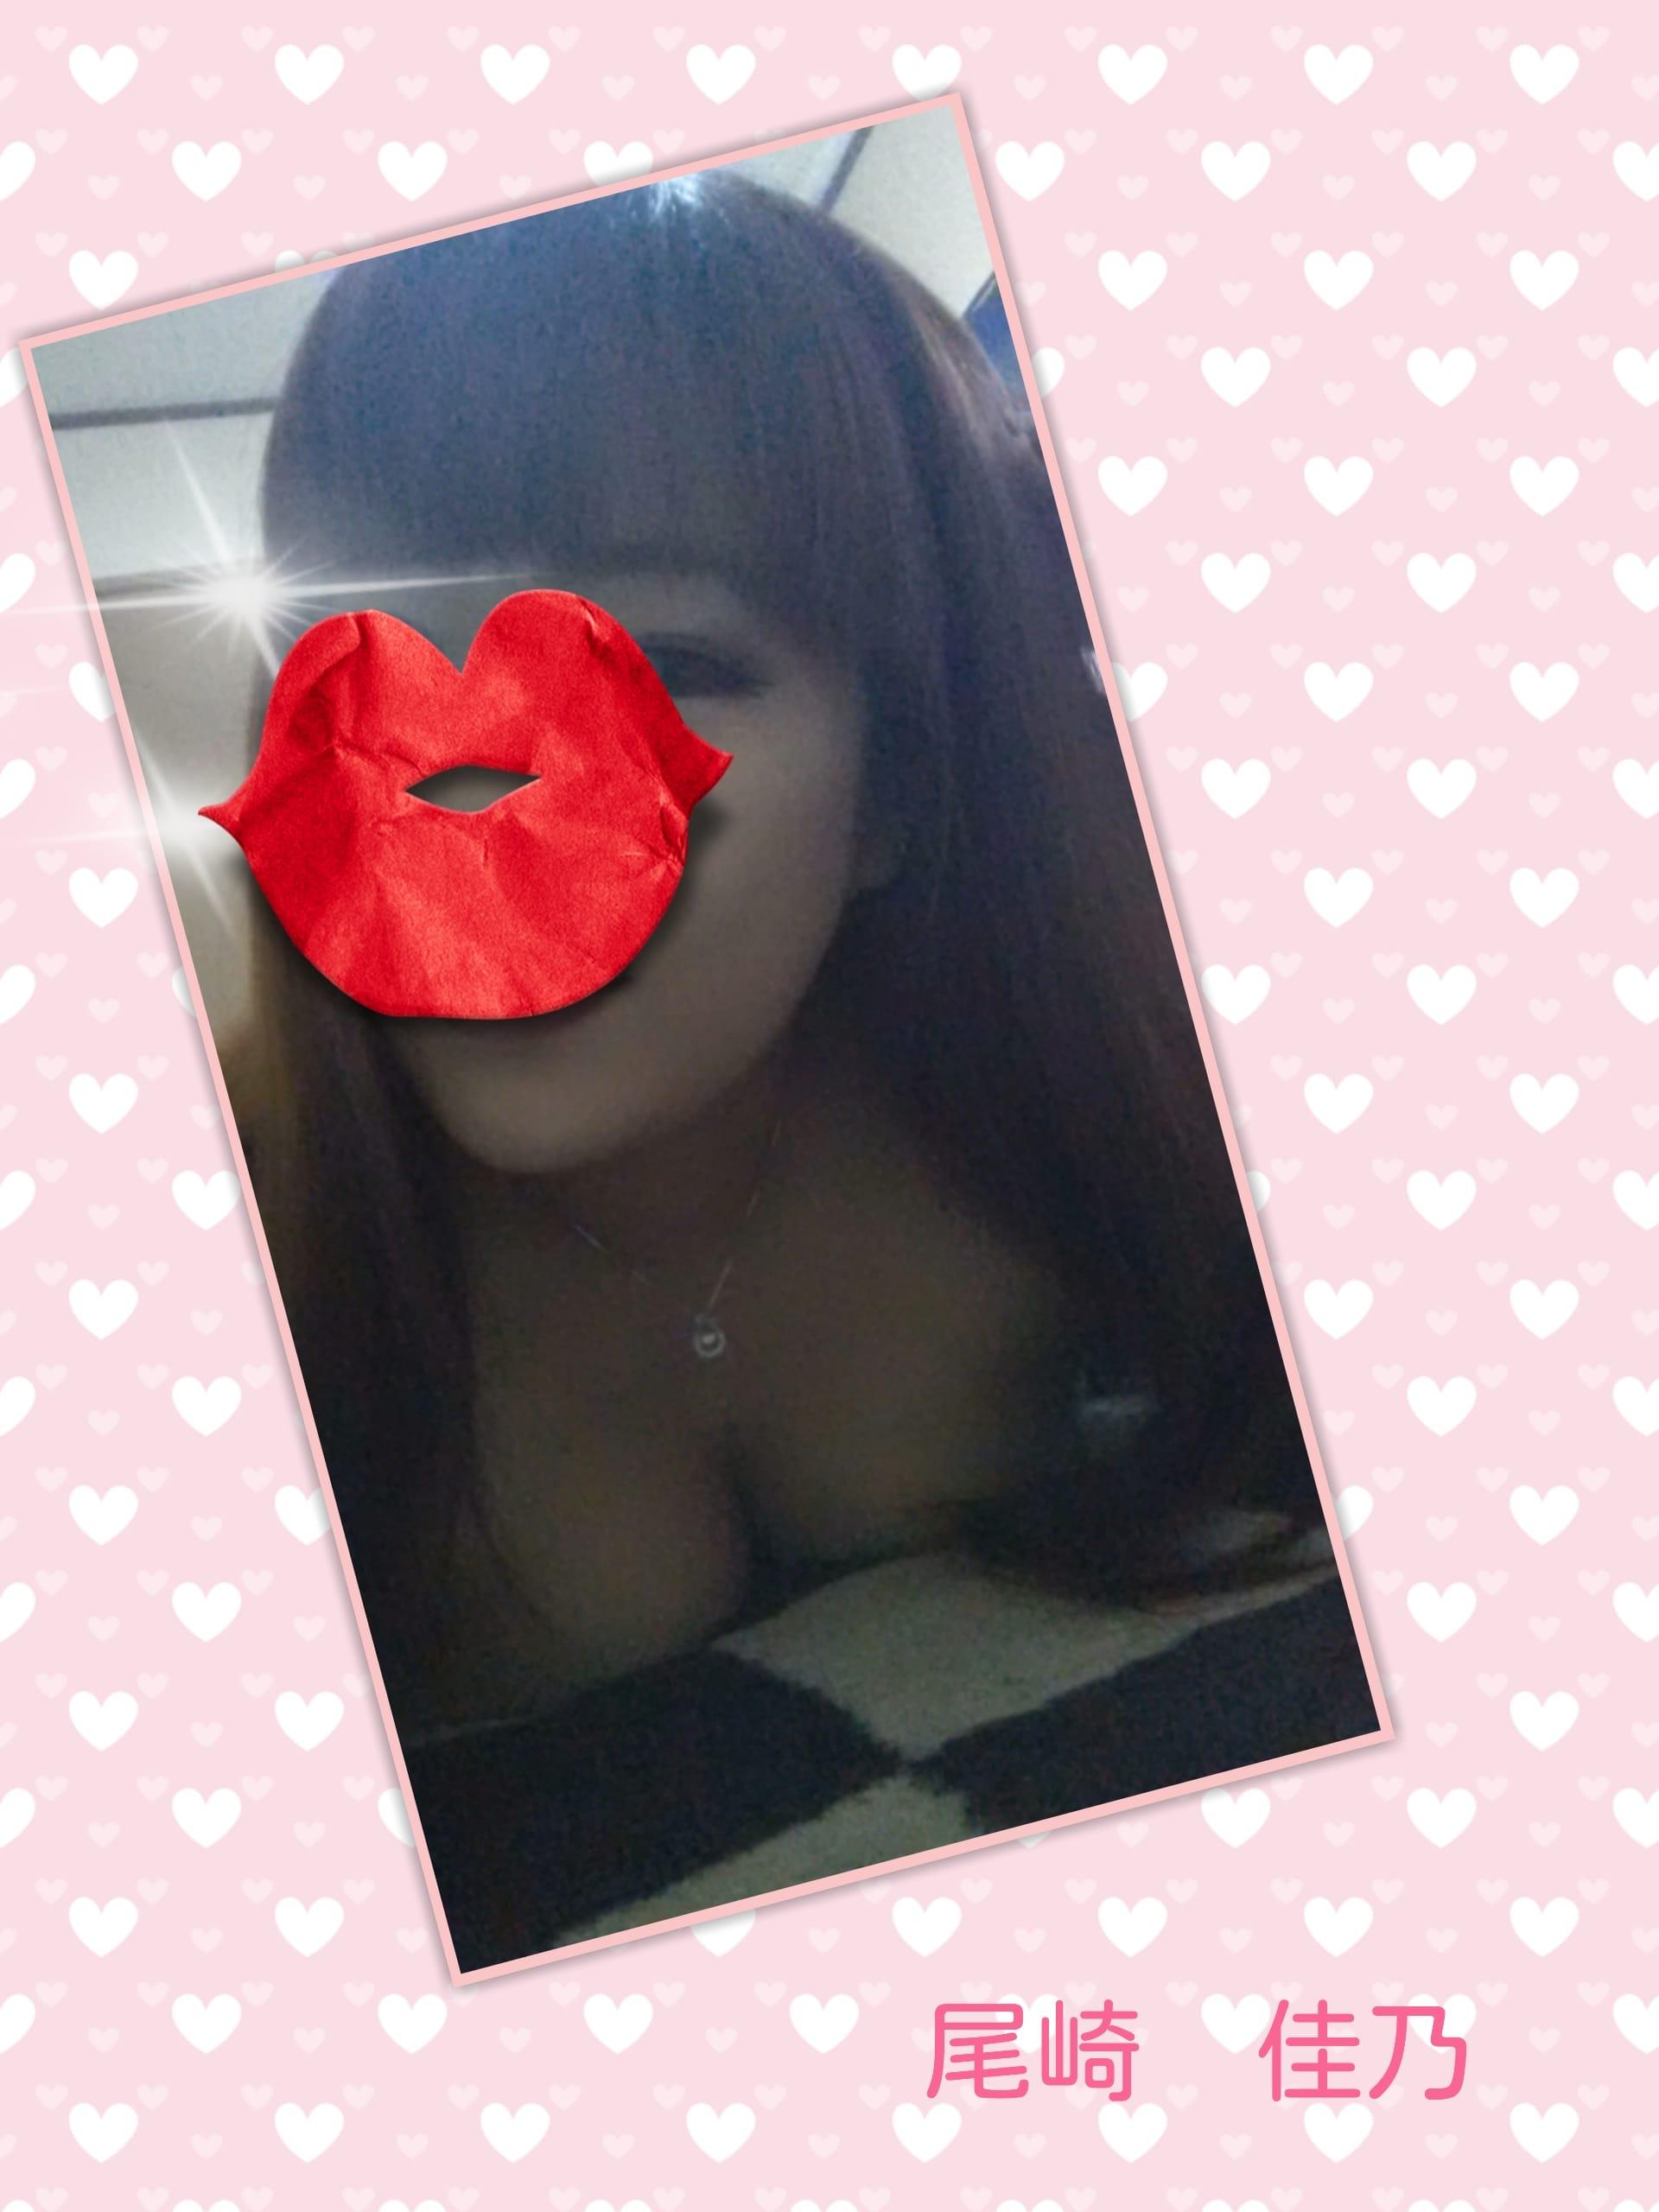 「こんにちわ。」01/23(火) 12:40 | 尾崎佳乃の写メ・風俗動画